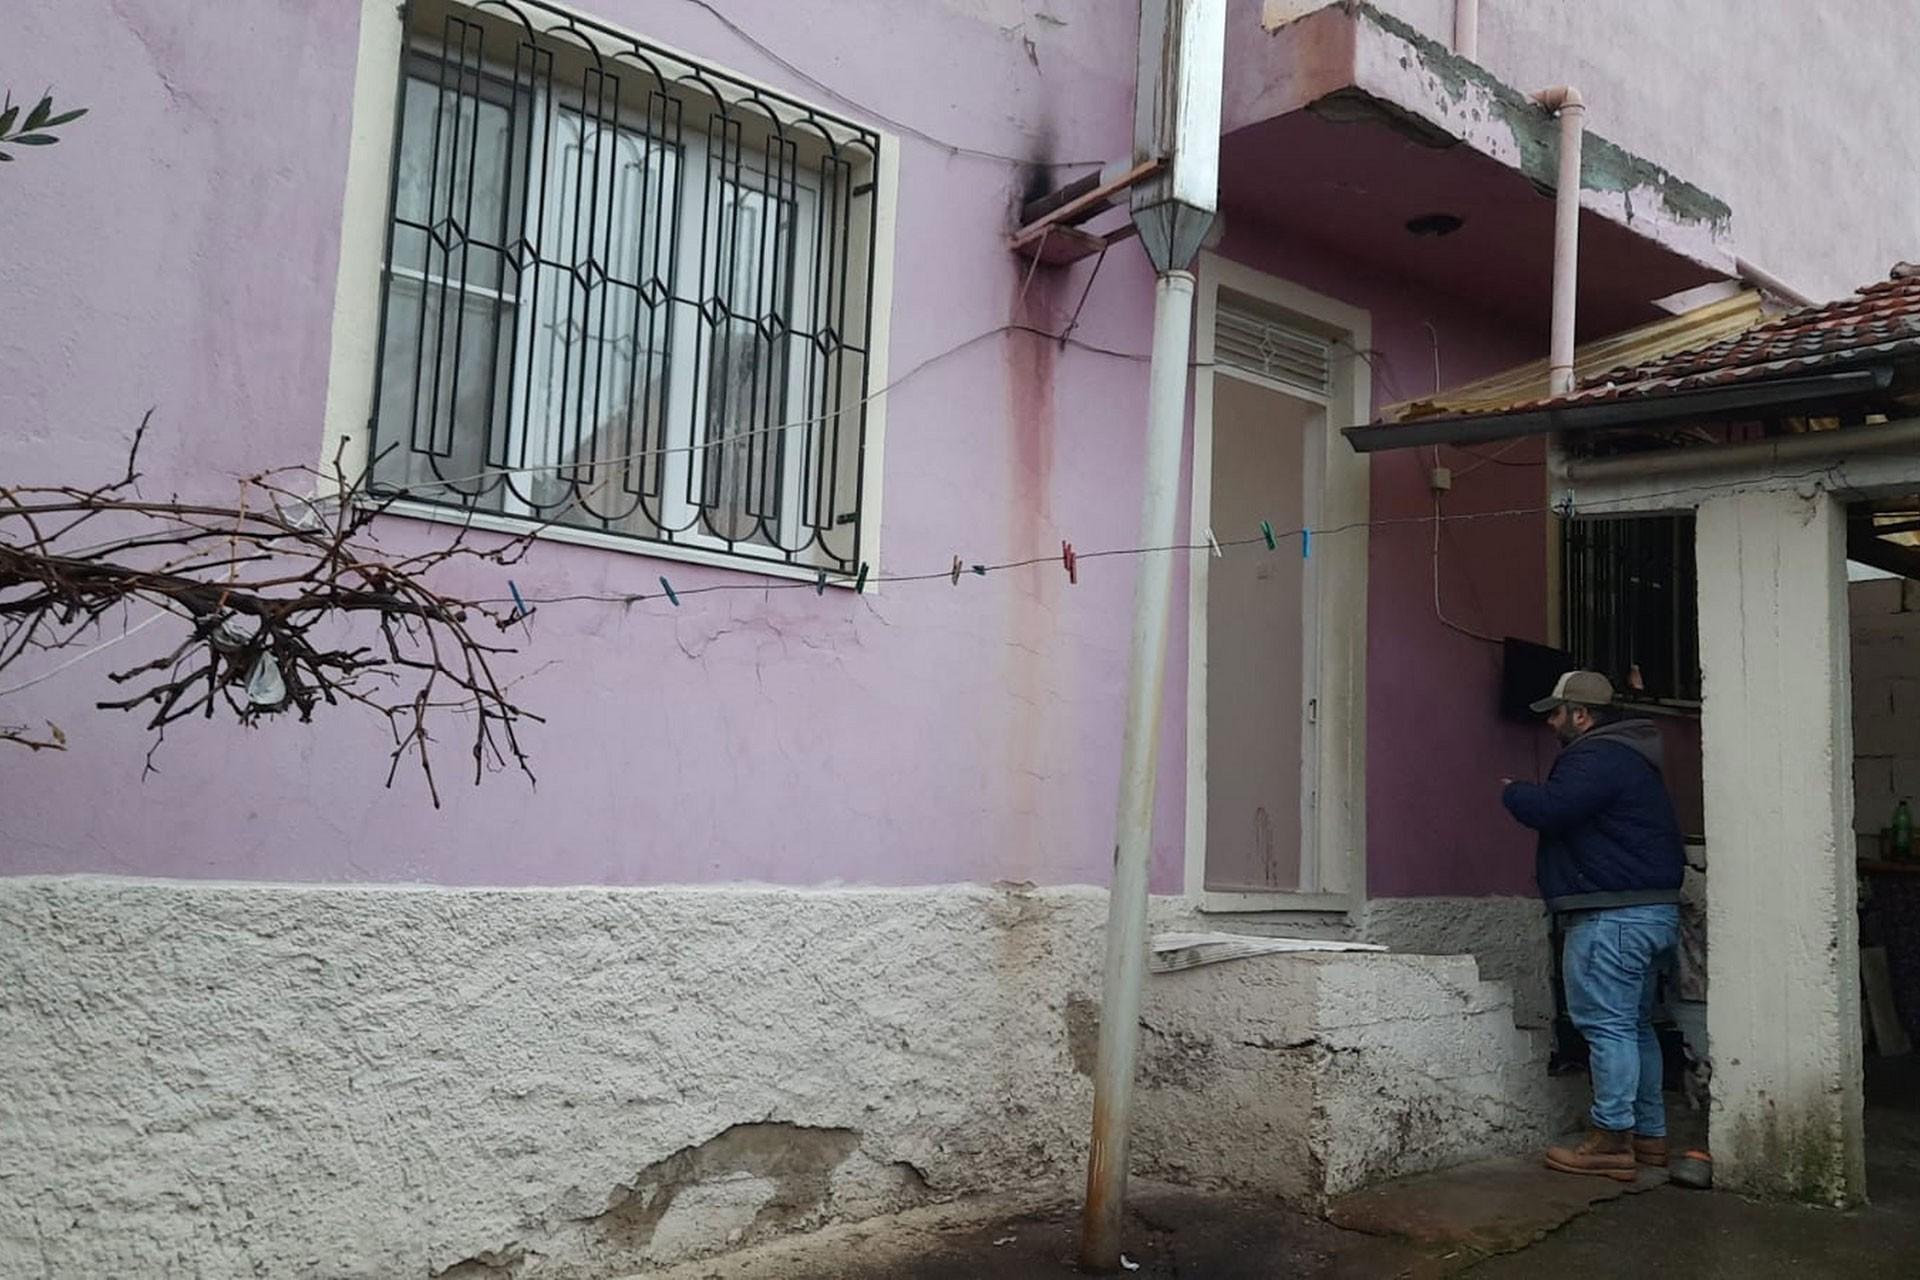 Manisa'da eşinin bıçaklı saldırısına maruz kalan kadının yaşadığı ev